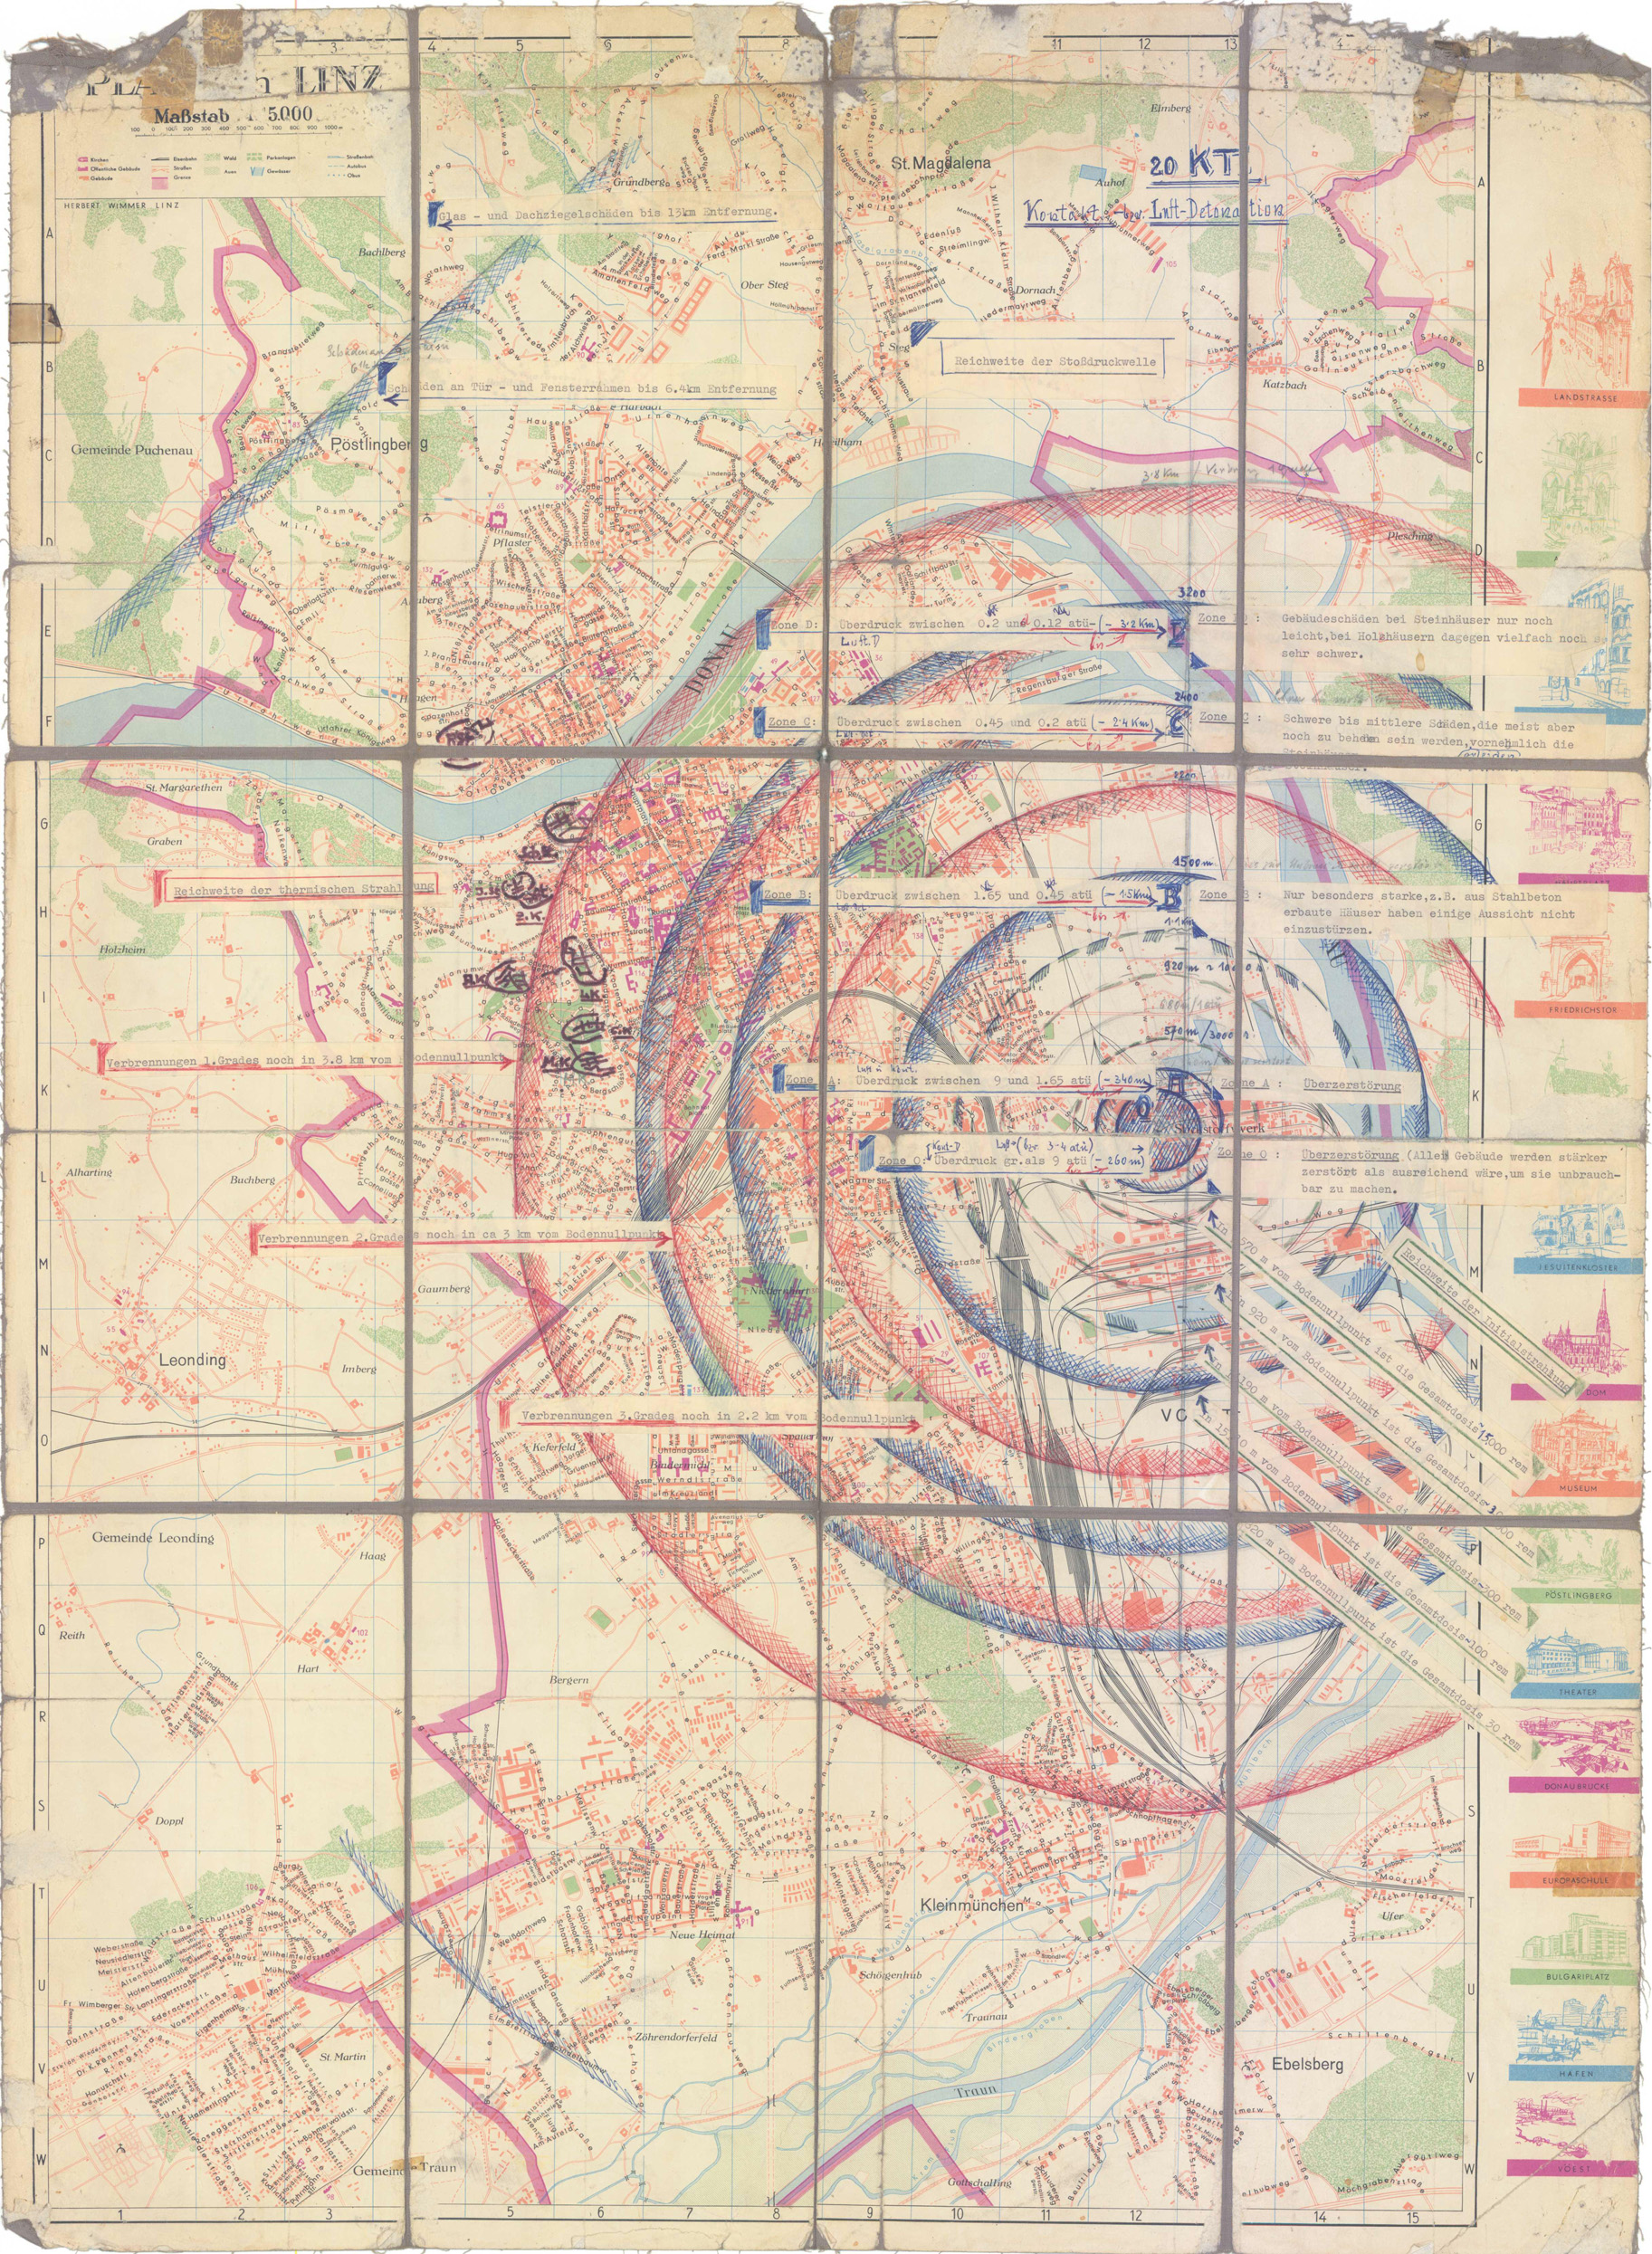 Linz (Radiusplan der Wirkung einer Nuklearbombe) liuou